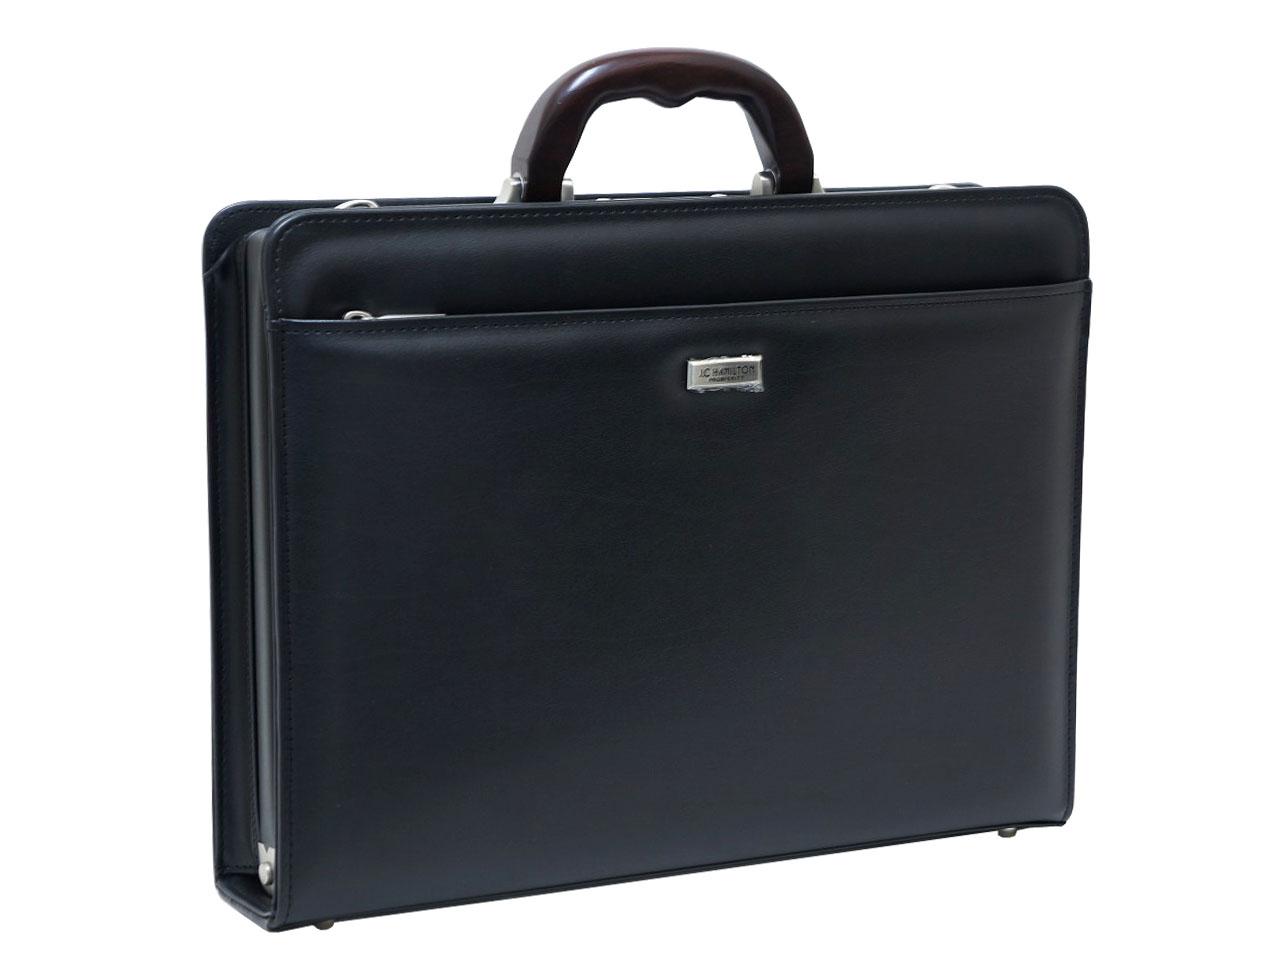 J.C HAMILTON ジェイシー ハミルトン 木手シリーズ A4ファイル対応 大開きダレス ビジネスバッグ 22309